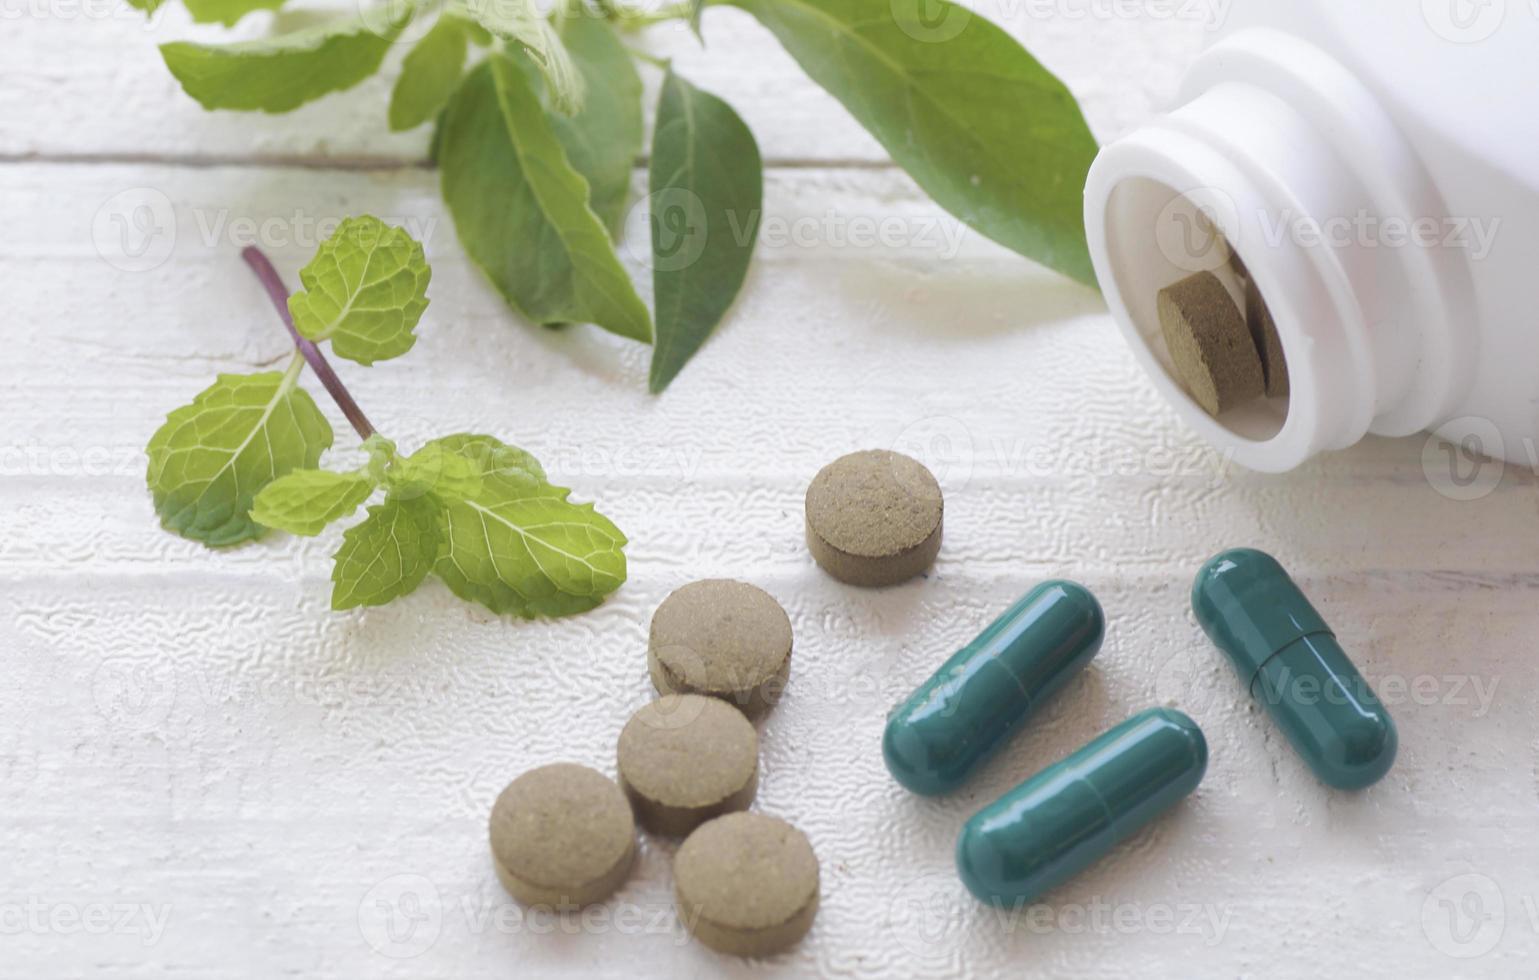 pilules à base de plantes en vue de dessus photo